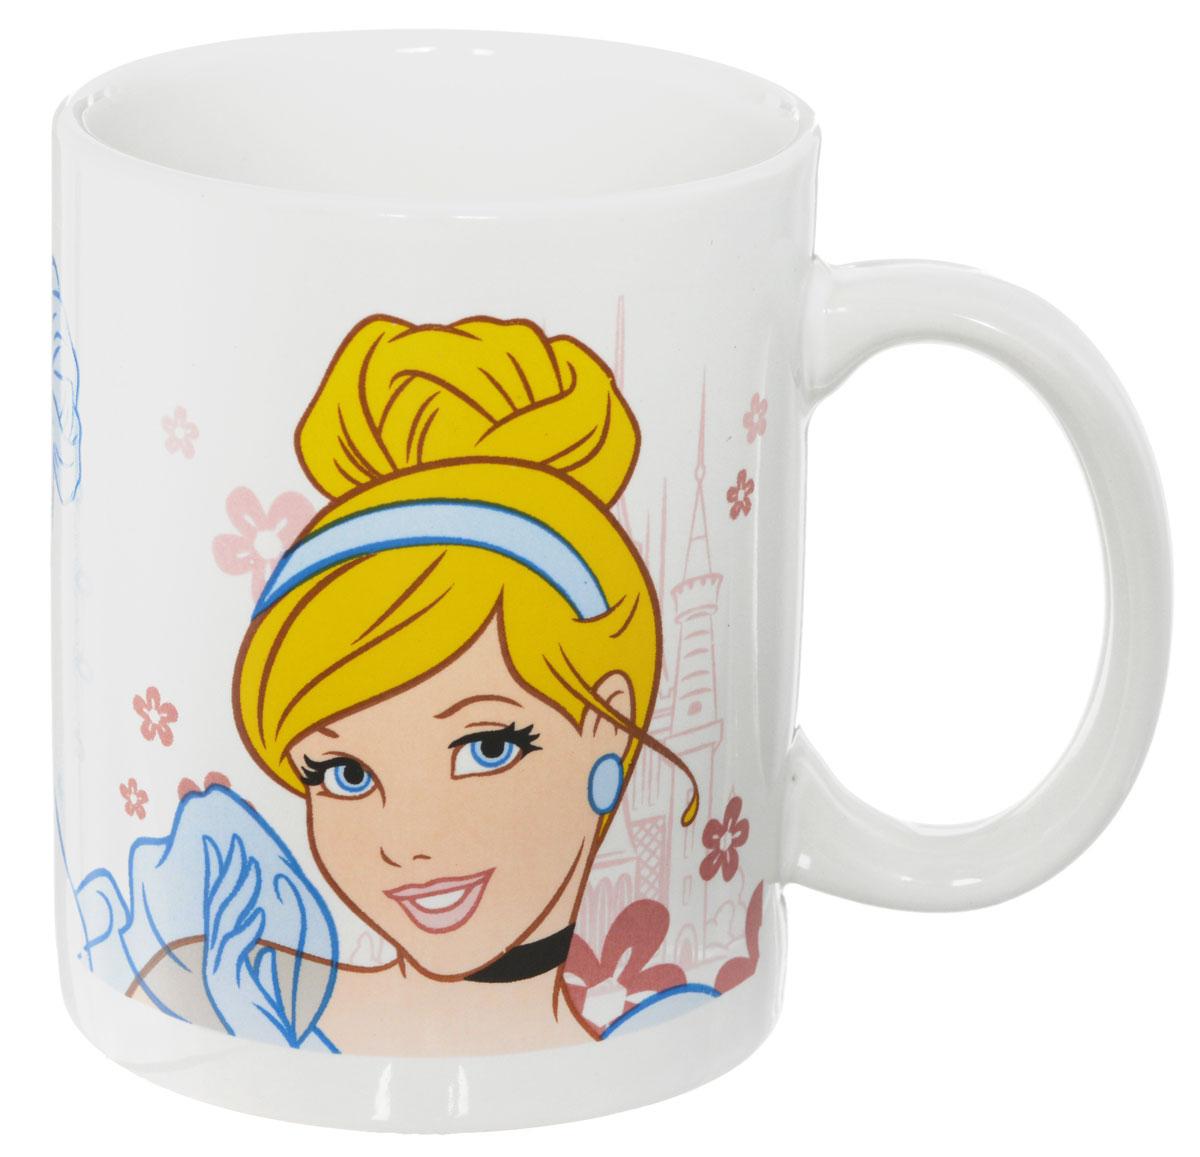 Disney Кружка детская Принцессы 330 мл70357Детская кружка Disney Принцессы с любимыми героями станет отличным подарком для вашего ребенка. Она выполнена из керамики и оформлена изображением принцесс из диснеевских мультфильмов. Кружка дополнена удобной ручкой. Такой подарок станет не только приятным, но и практичным сувениром: кружка будет незаменимым атрибутом чаепития, а оригинальное оформление кружки добавит ярких эмоций и хорошего настроения. Можно использовать в СВЧ-печи и посудомоечной машине.